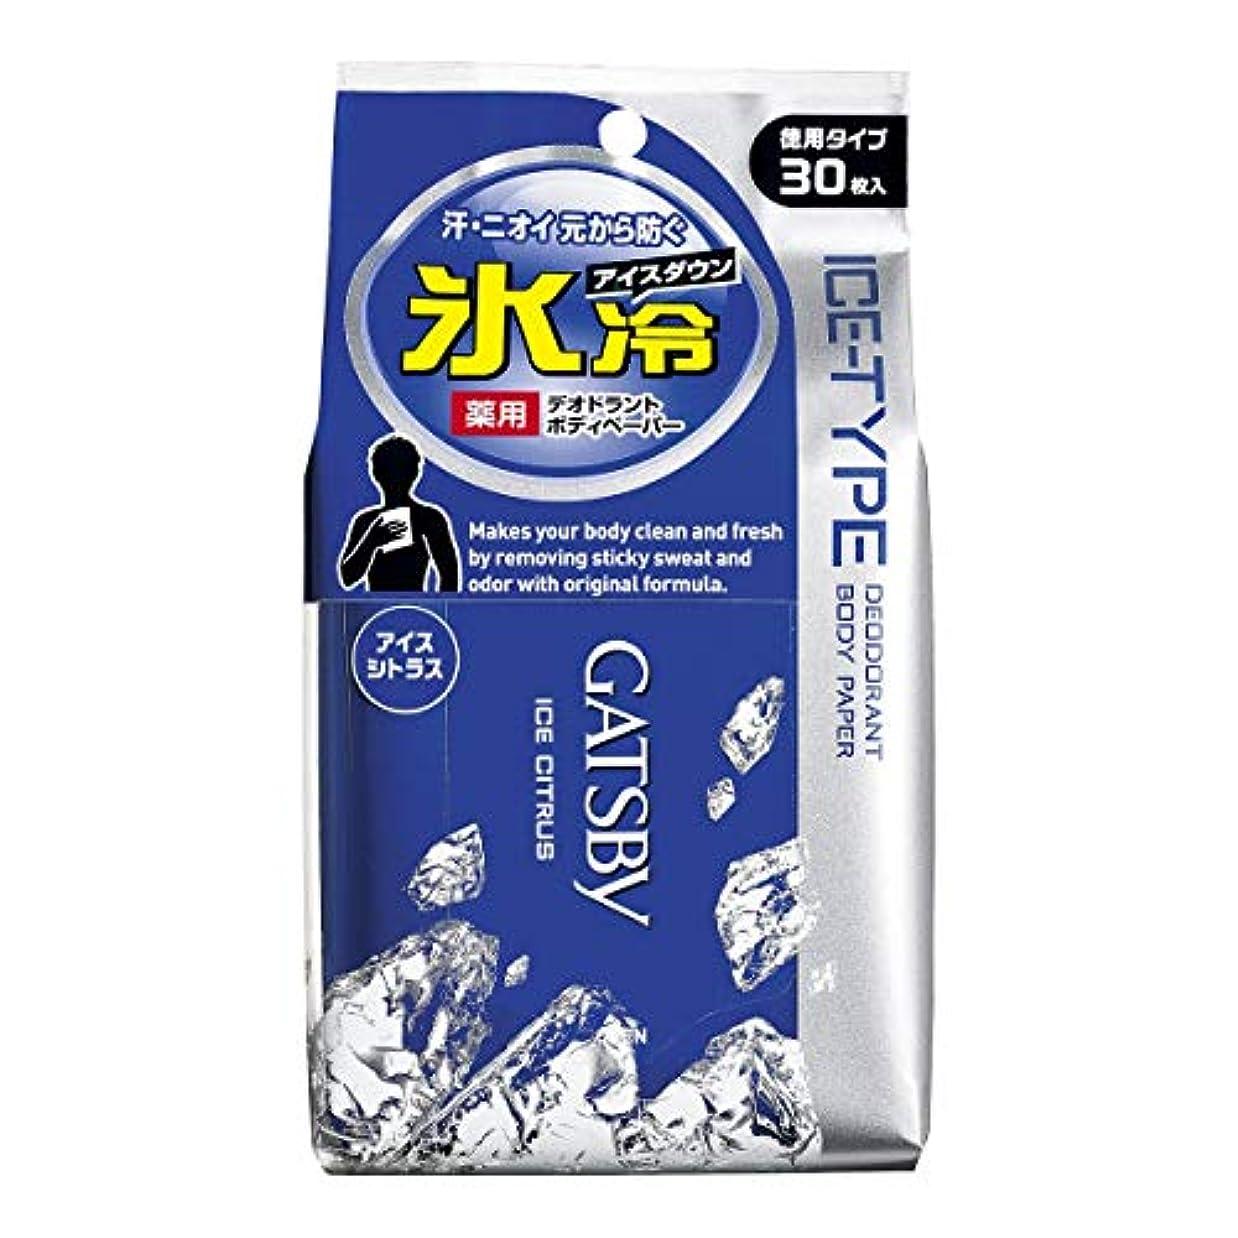 【マンダム】ギャッツビー アイスデオドラントボディペーパー(徳用タイプ) アイスシトラス(医薬部外品) 30枚入り ×3個セット